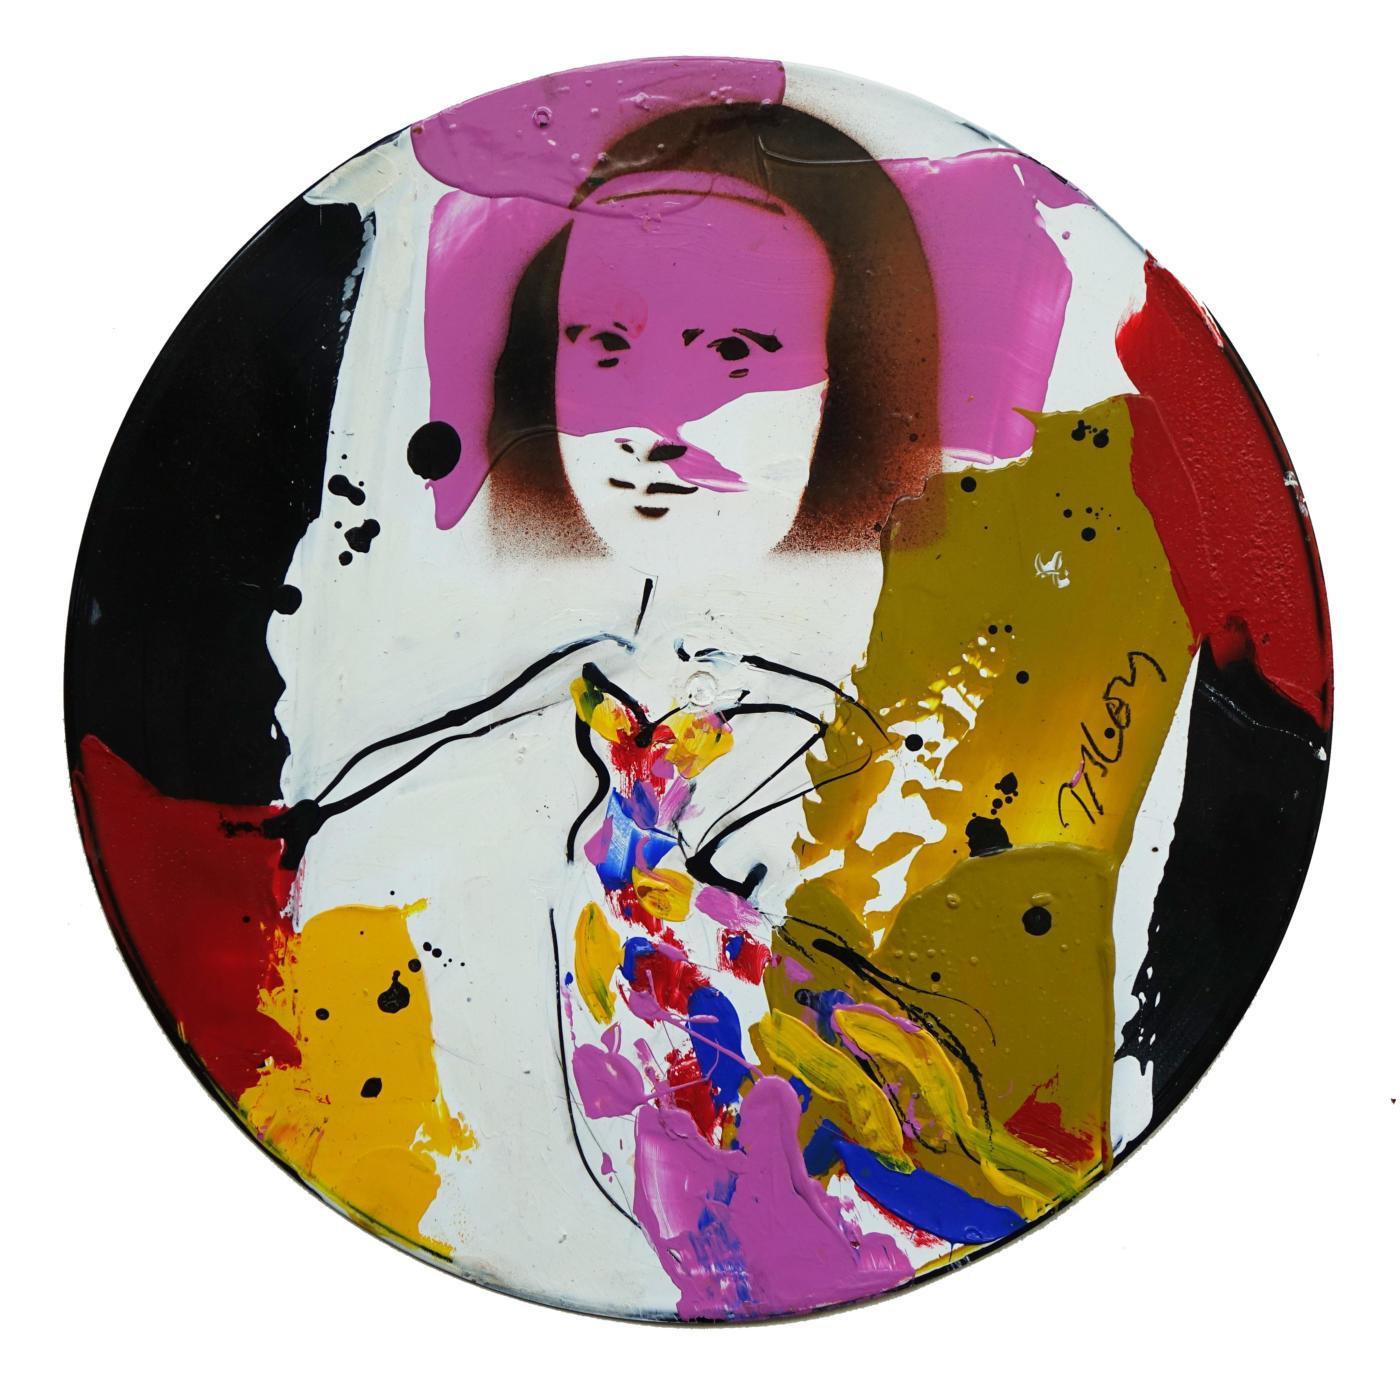 Jacques Blézot - La Joconde en robe noire et rose - Techniques mixtes sur vynile - 30 cm